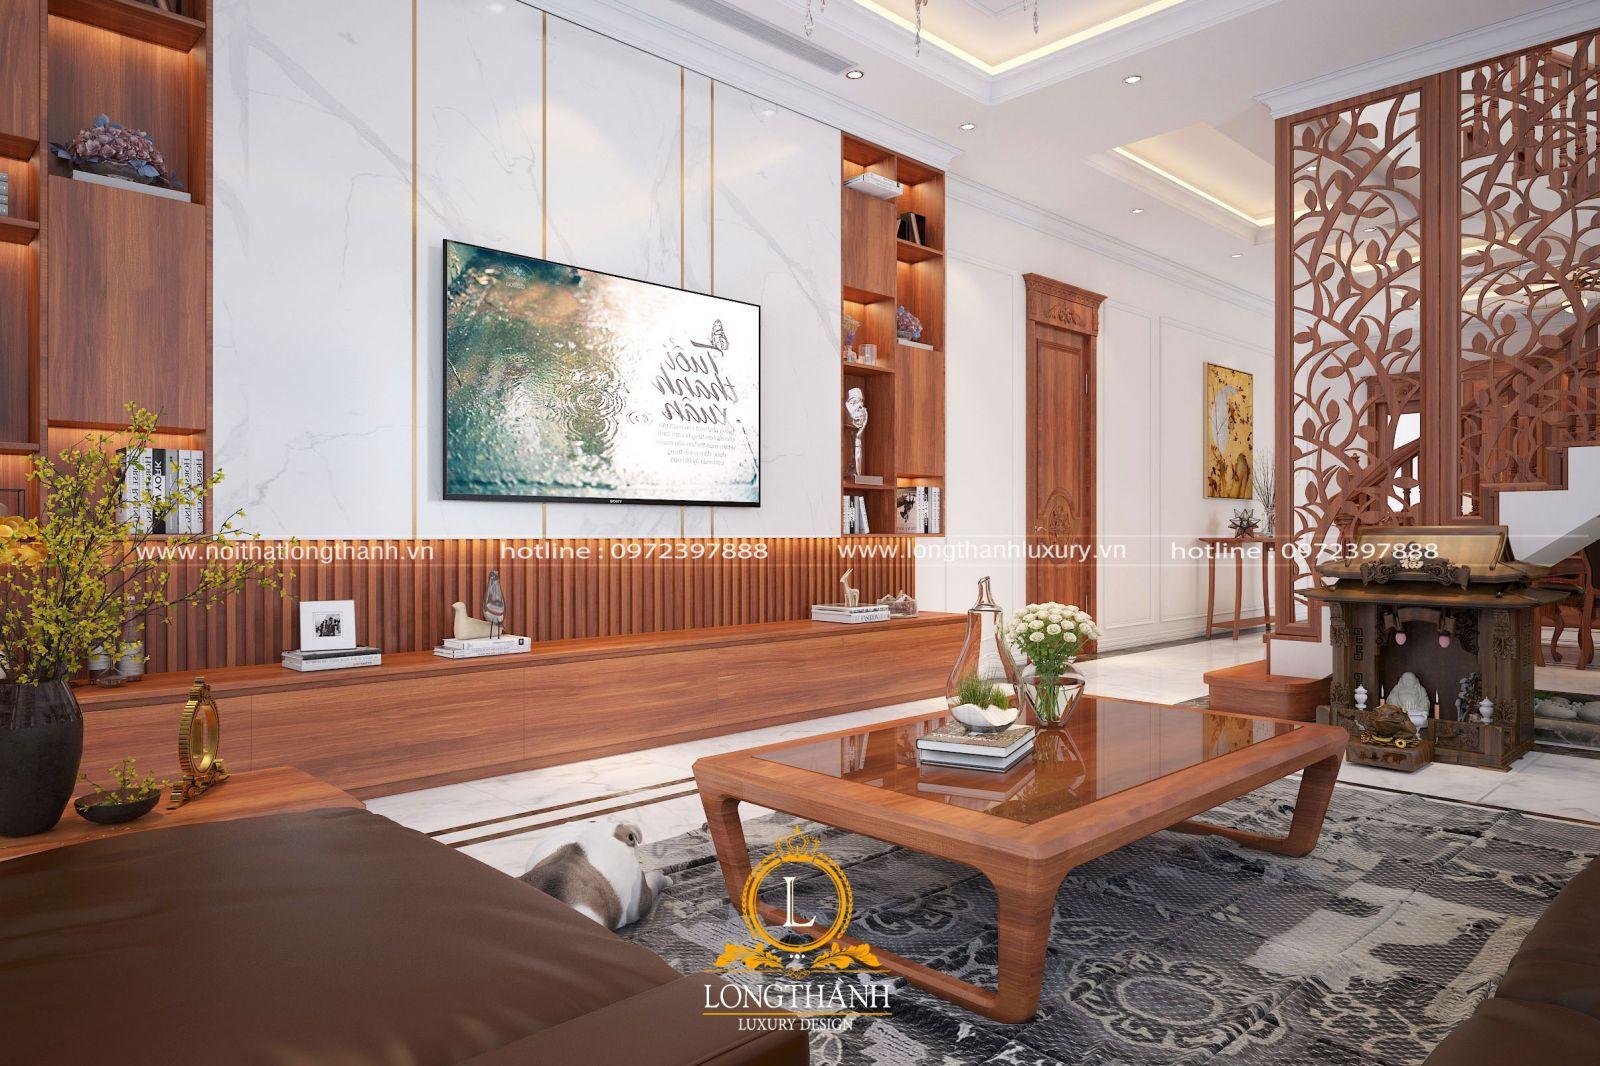 Xu hướng thiết kế mở cho phòng khách hiện đại